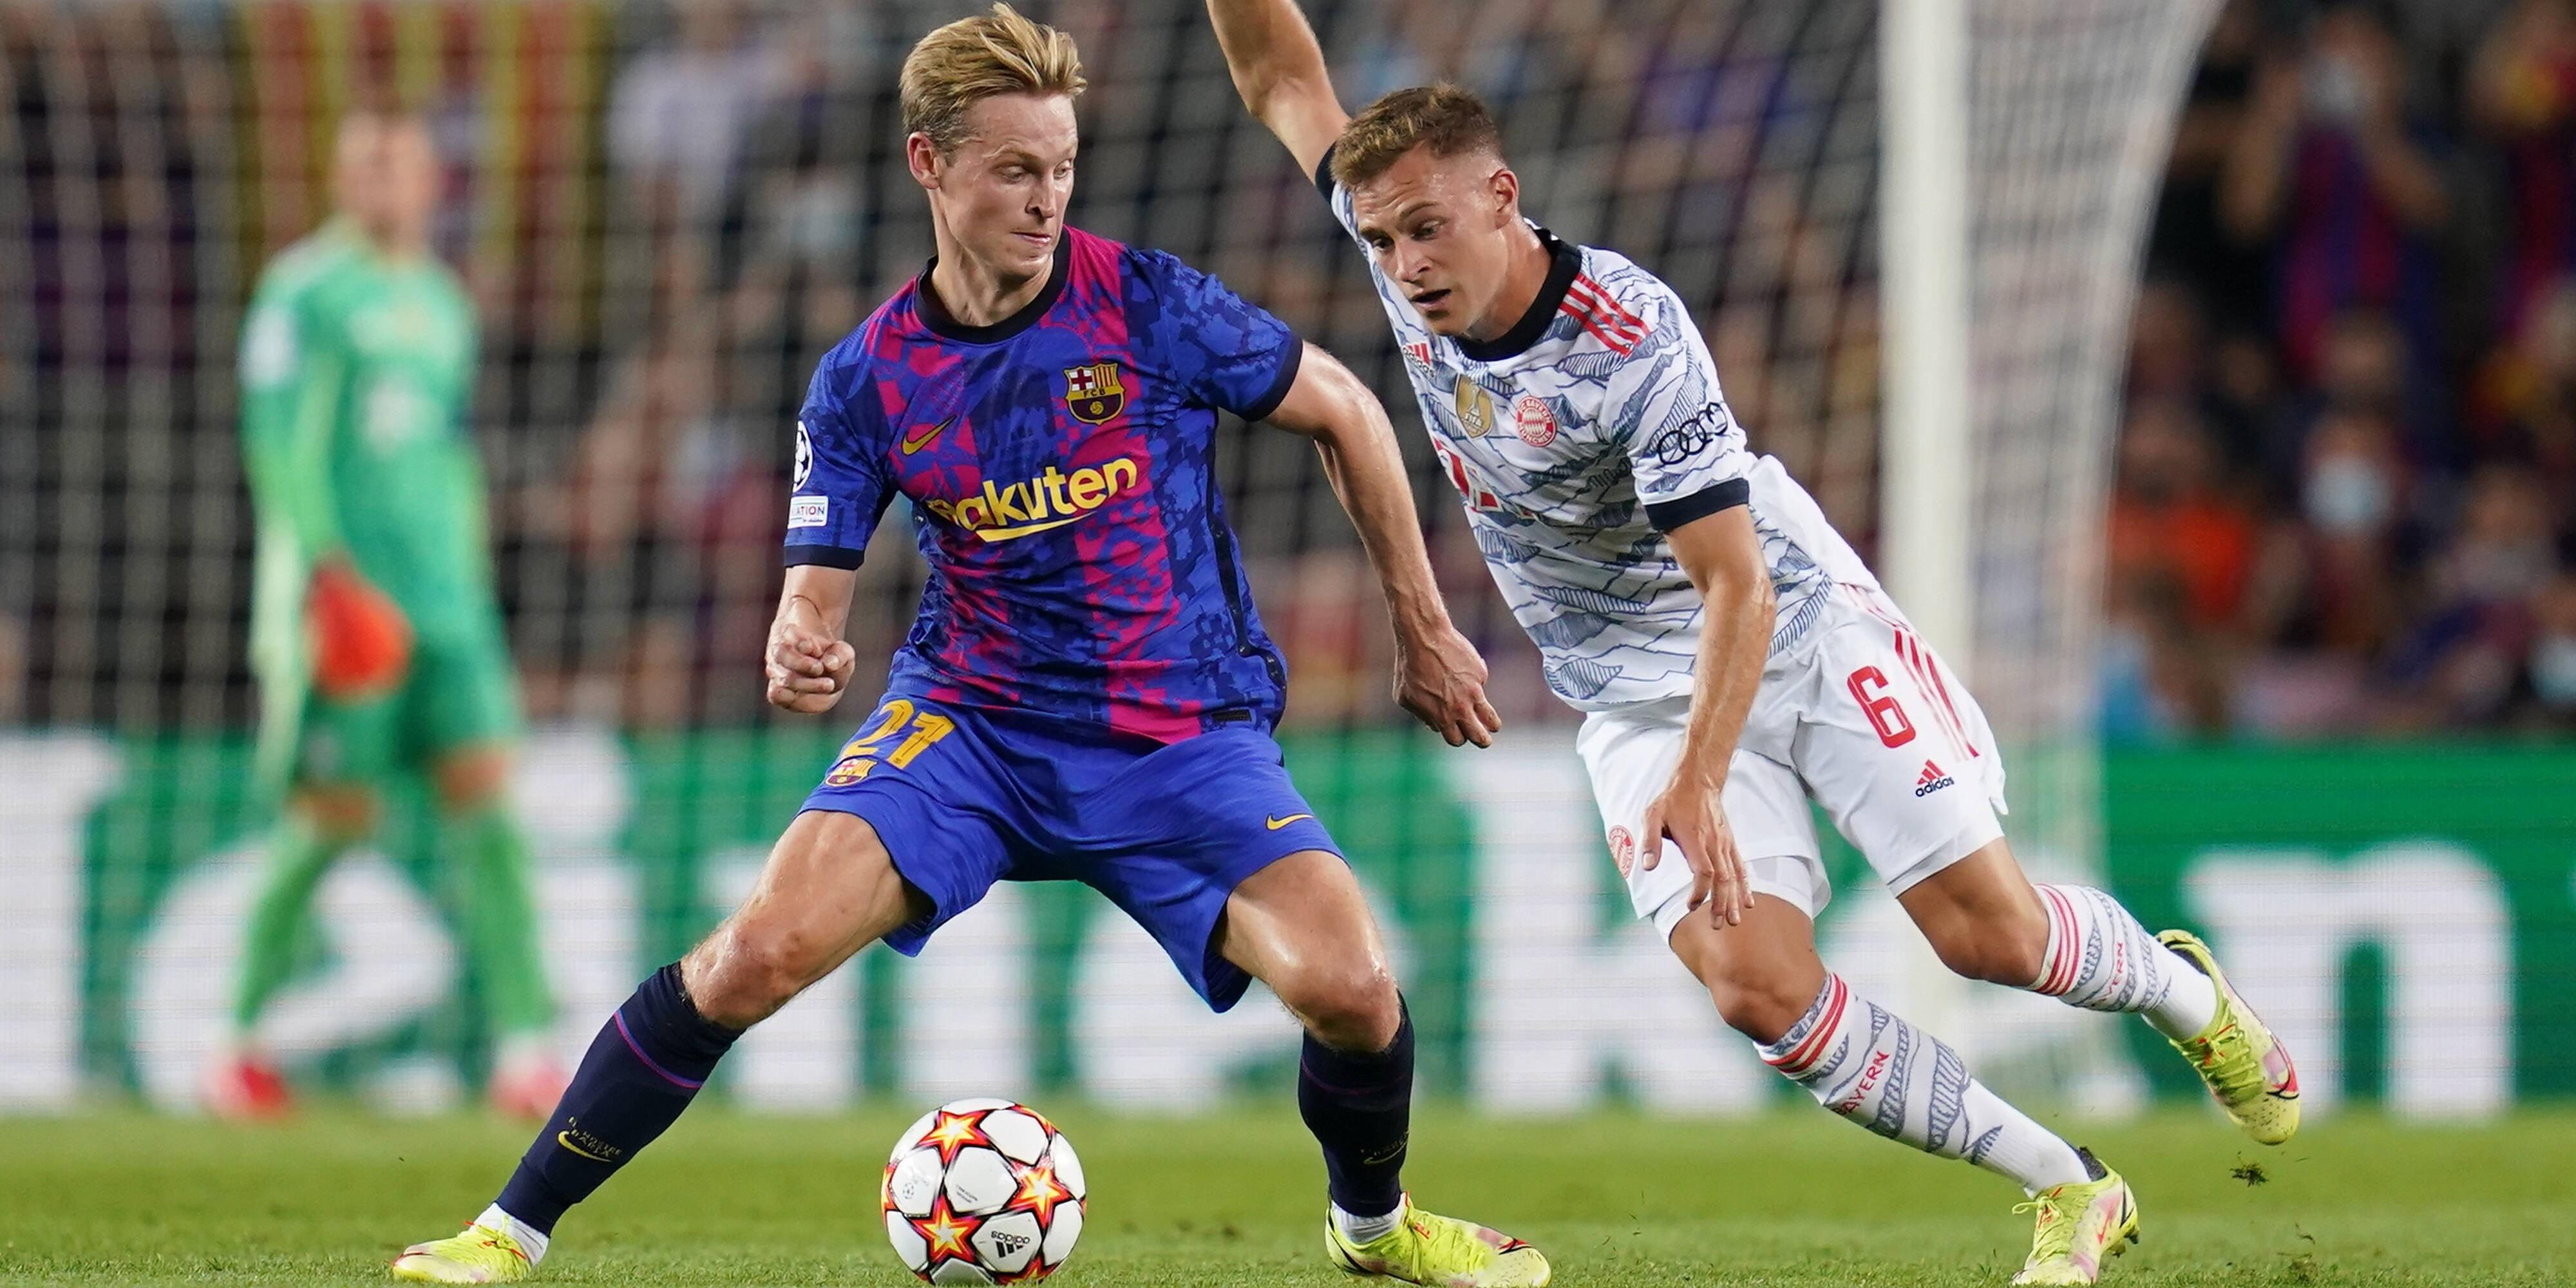 FC Barcelona put vertrouwen uit overwinning op Valencia CF en krijgt Dynamo Kiev op bezoek: tot 7.50 keer je inzet!